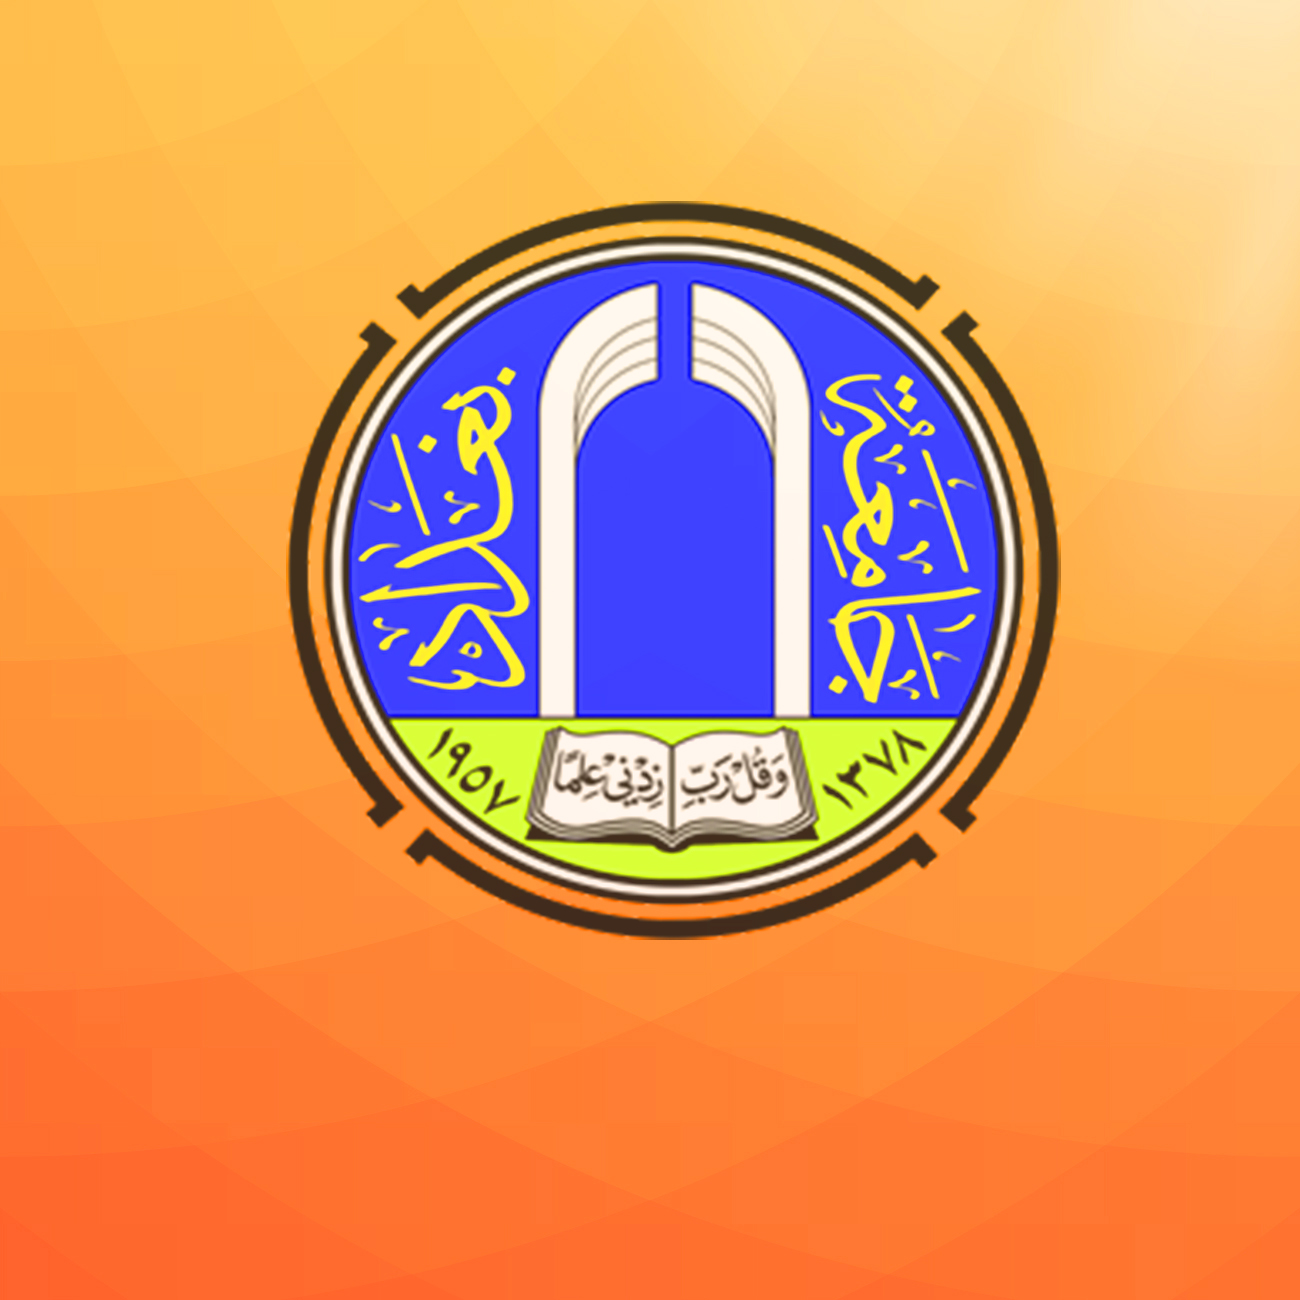 اعلان الى الطلبة المتقدمين للدراسة المسائية في جامعة بغداد